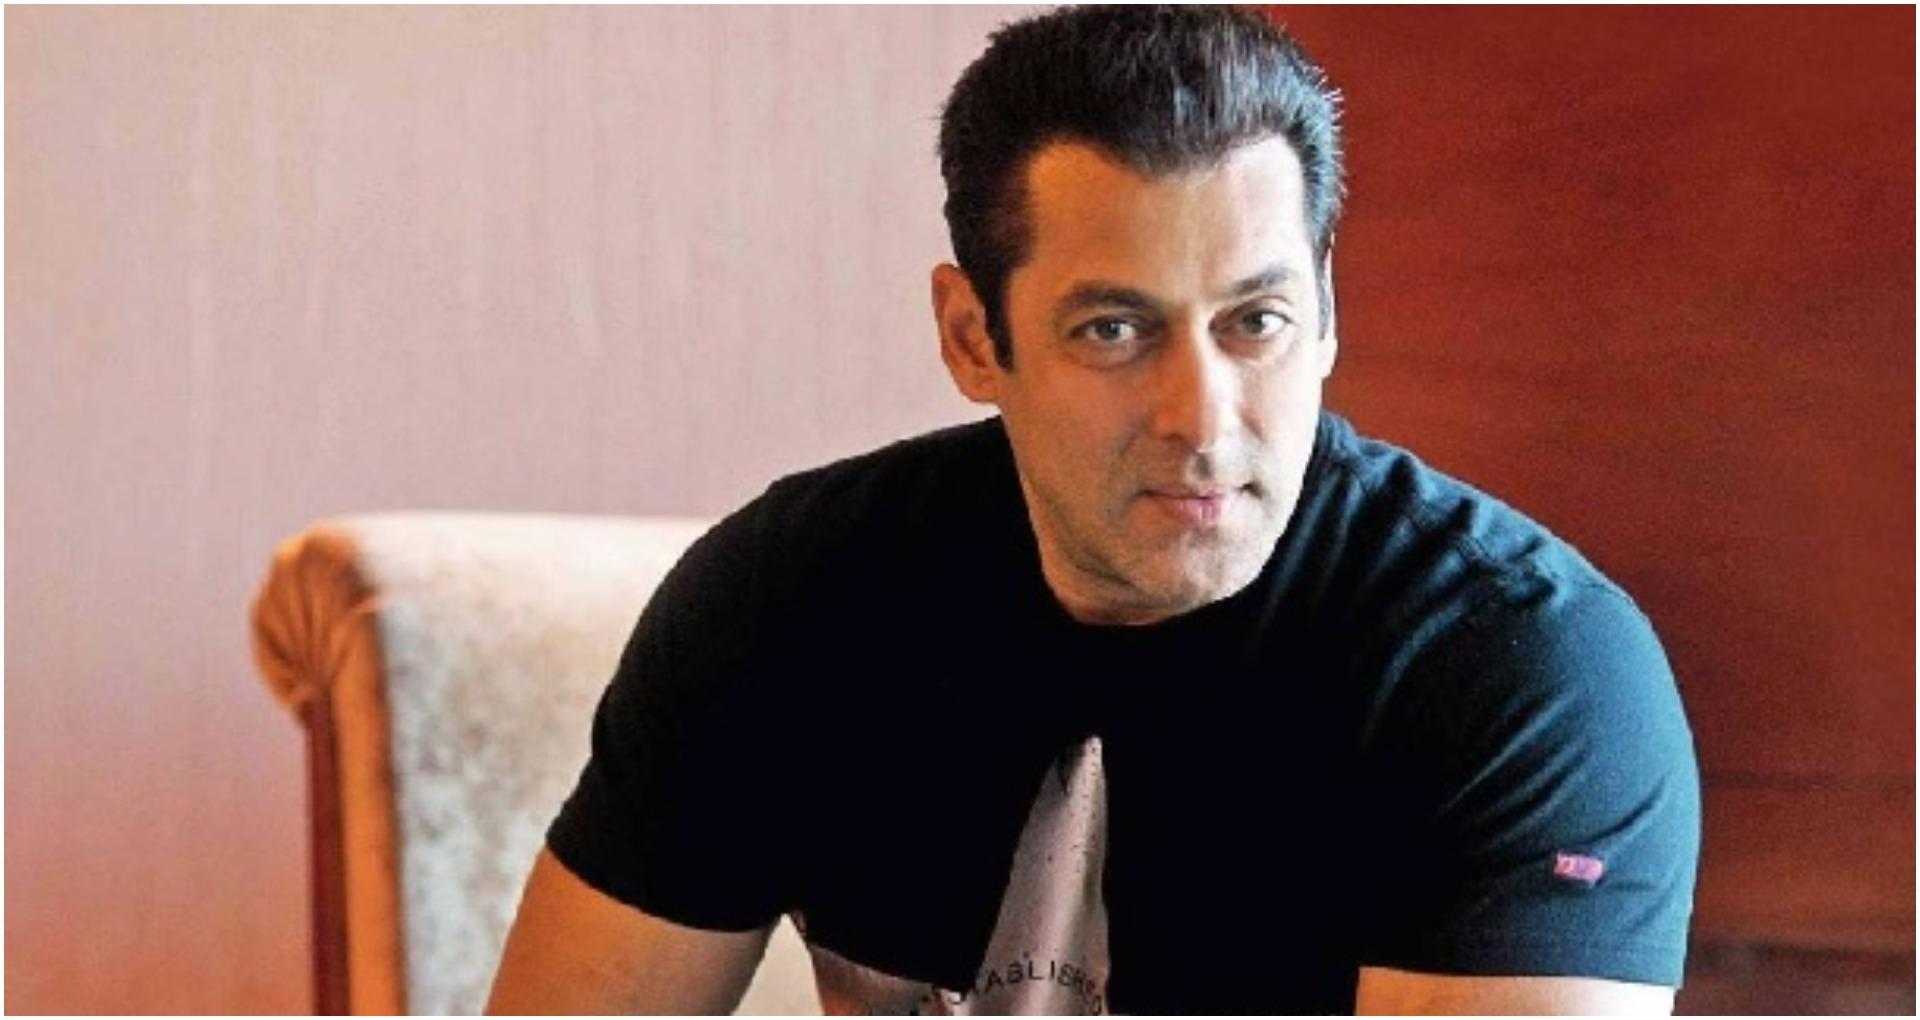 सलमान खान की फिल्म 'राधे: योर मोस्ट वॉन्टेड भाई' ईद नहीं बल्कि दिवाली पर होगी रिलीज?